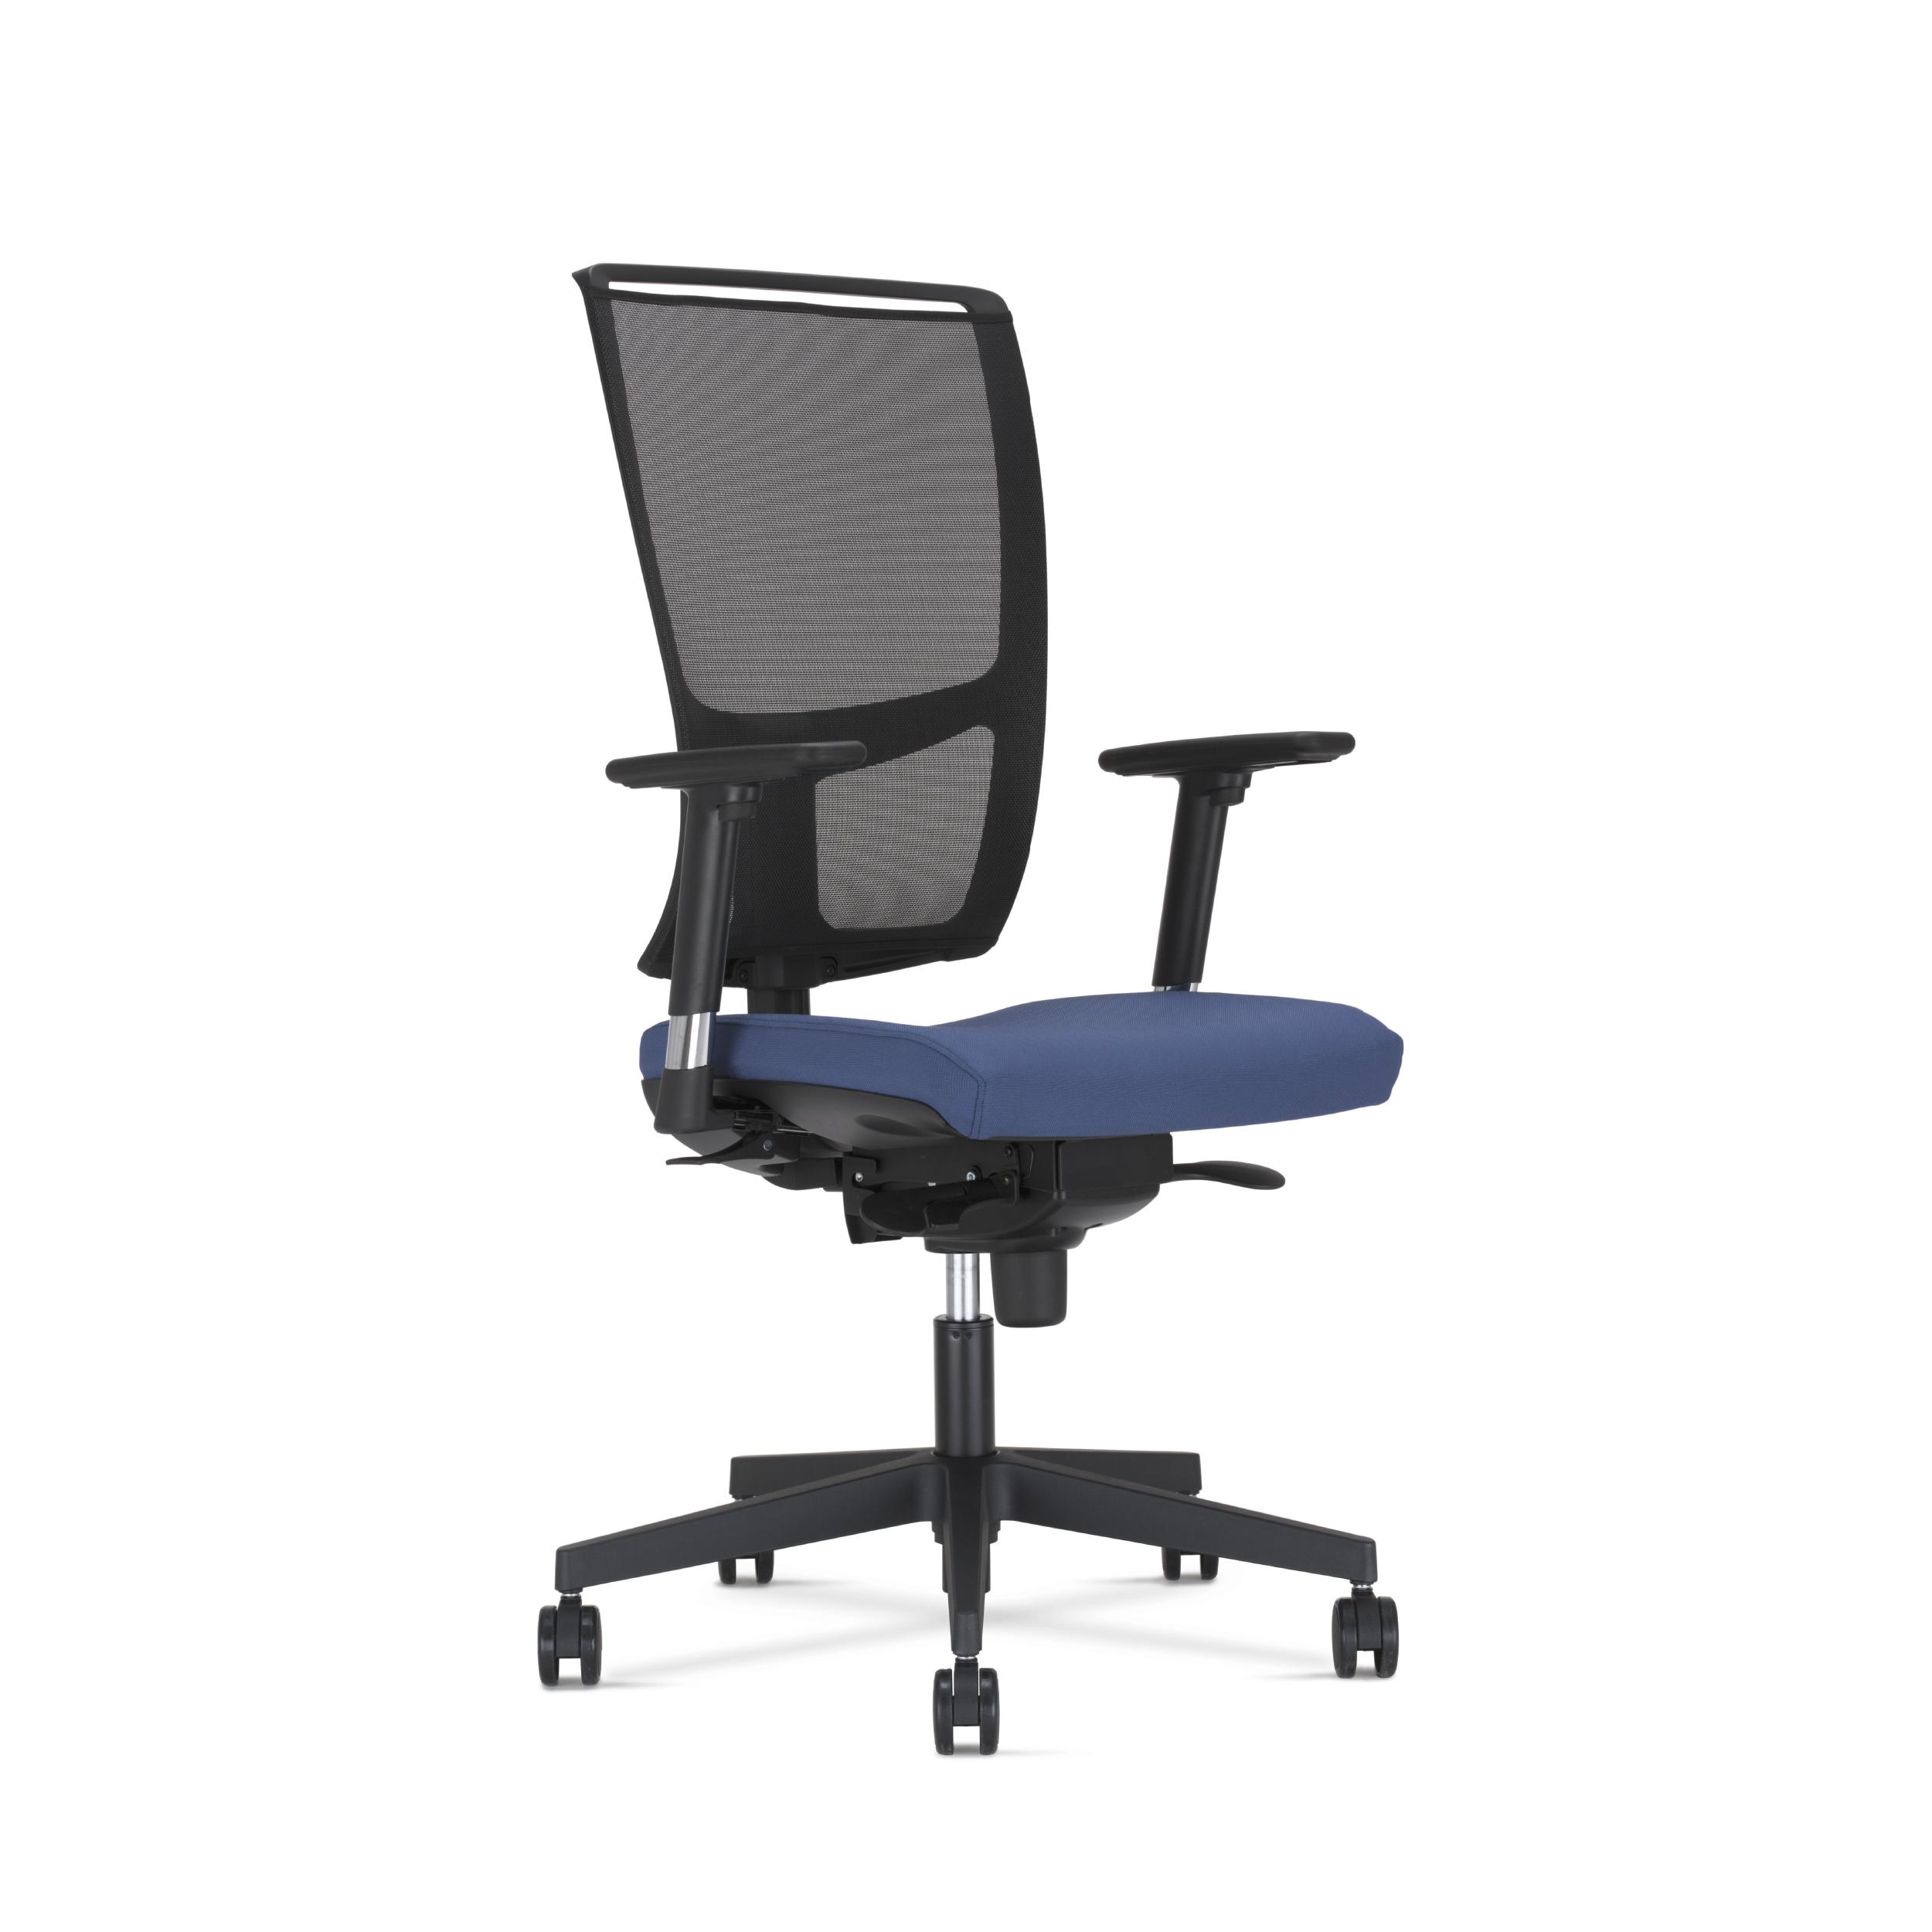 krzesło_Z-body Trade04